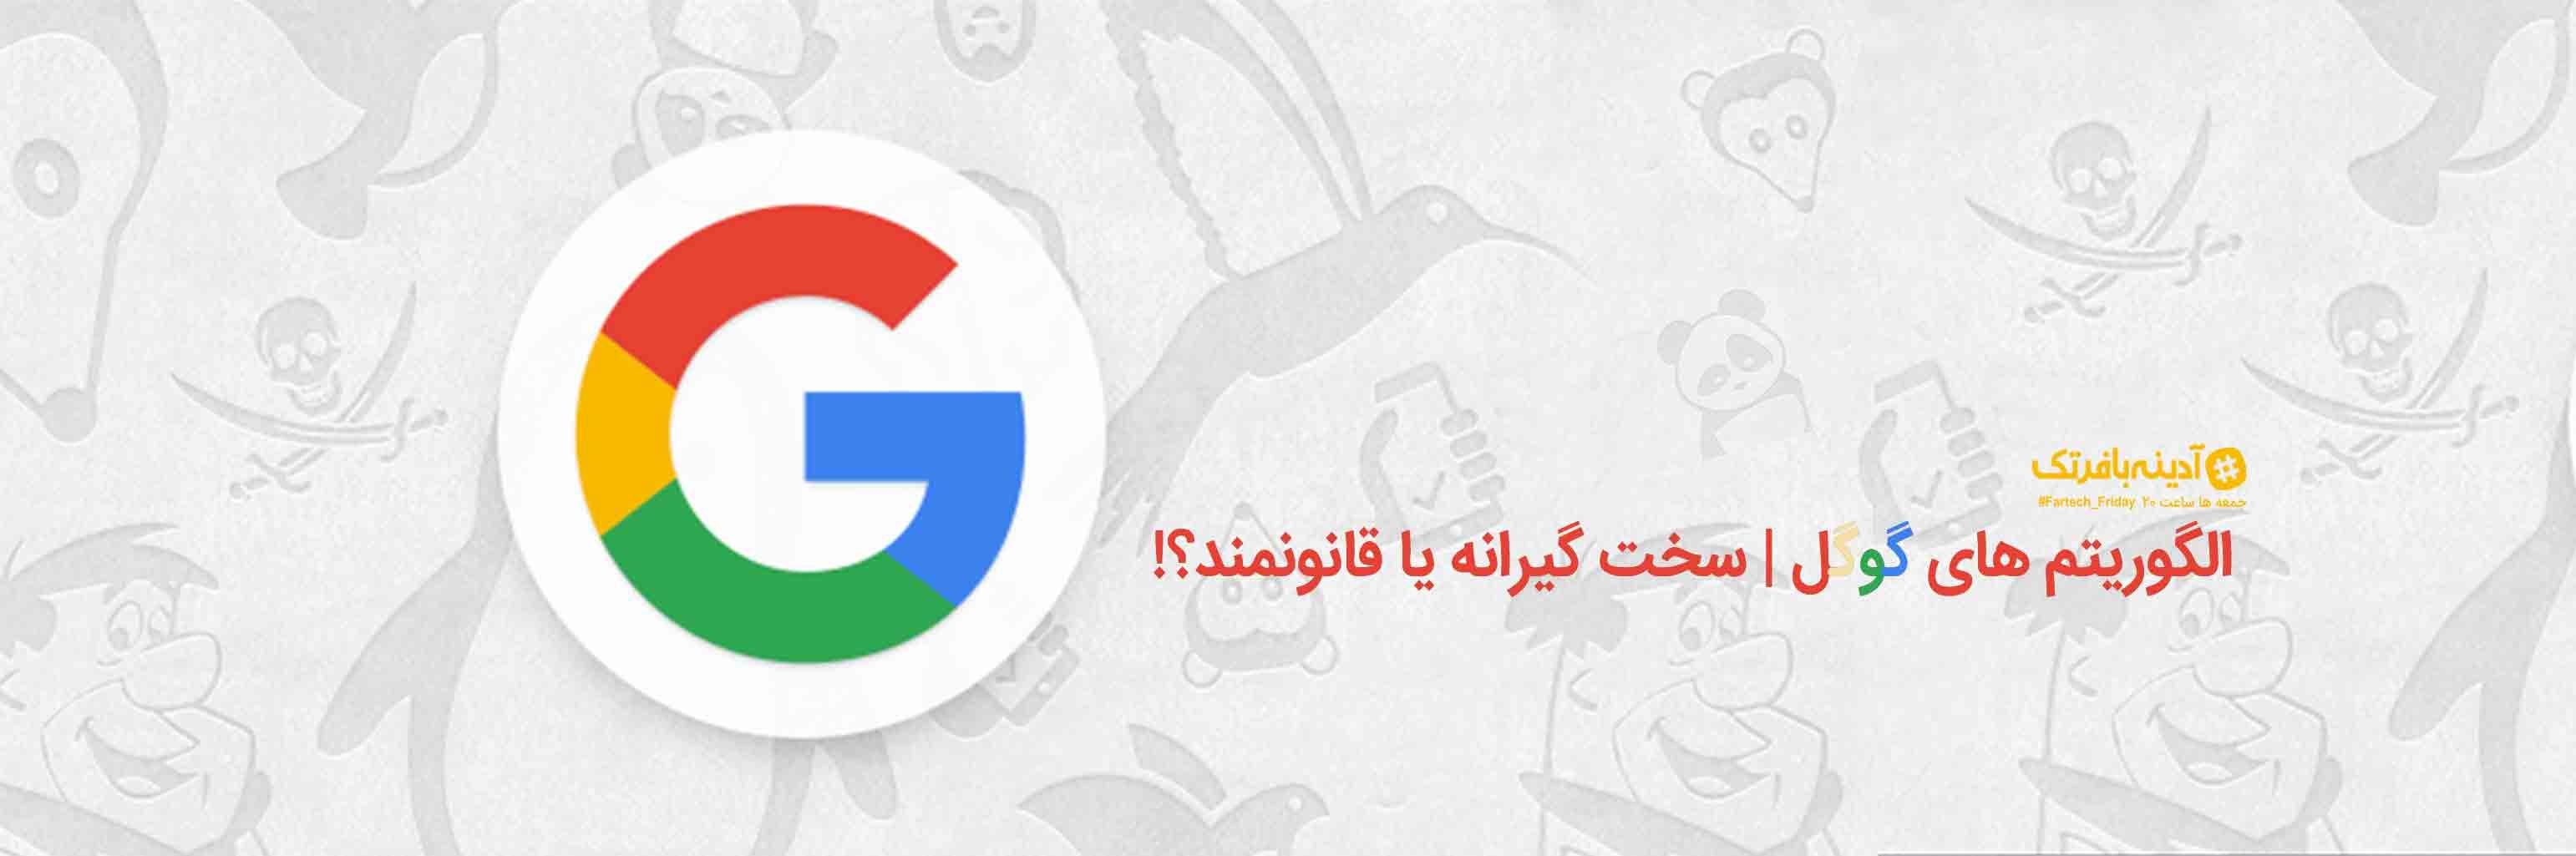 الگوریتم های گوگل | سخت گیرانه یا قانونمند؟!